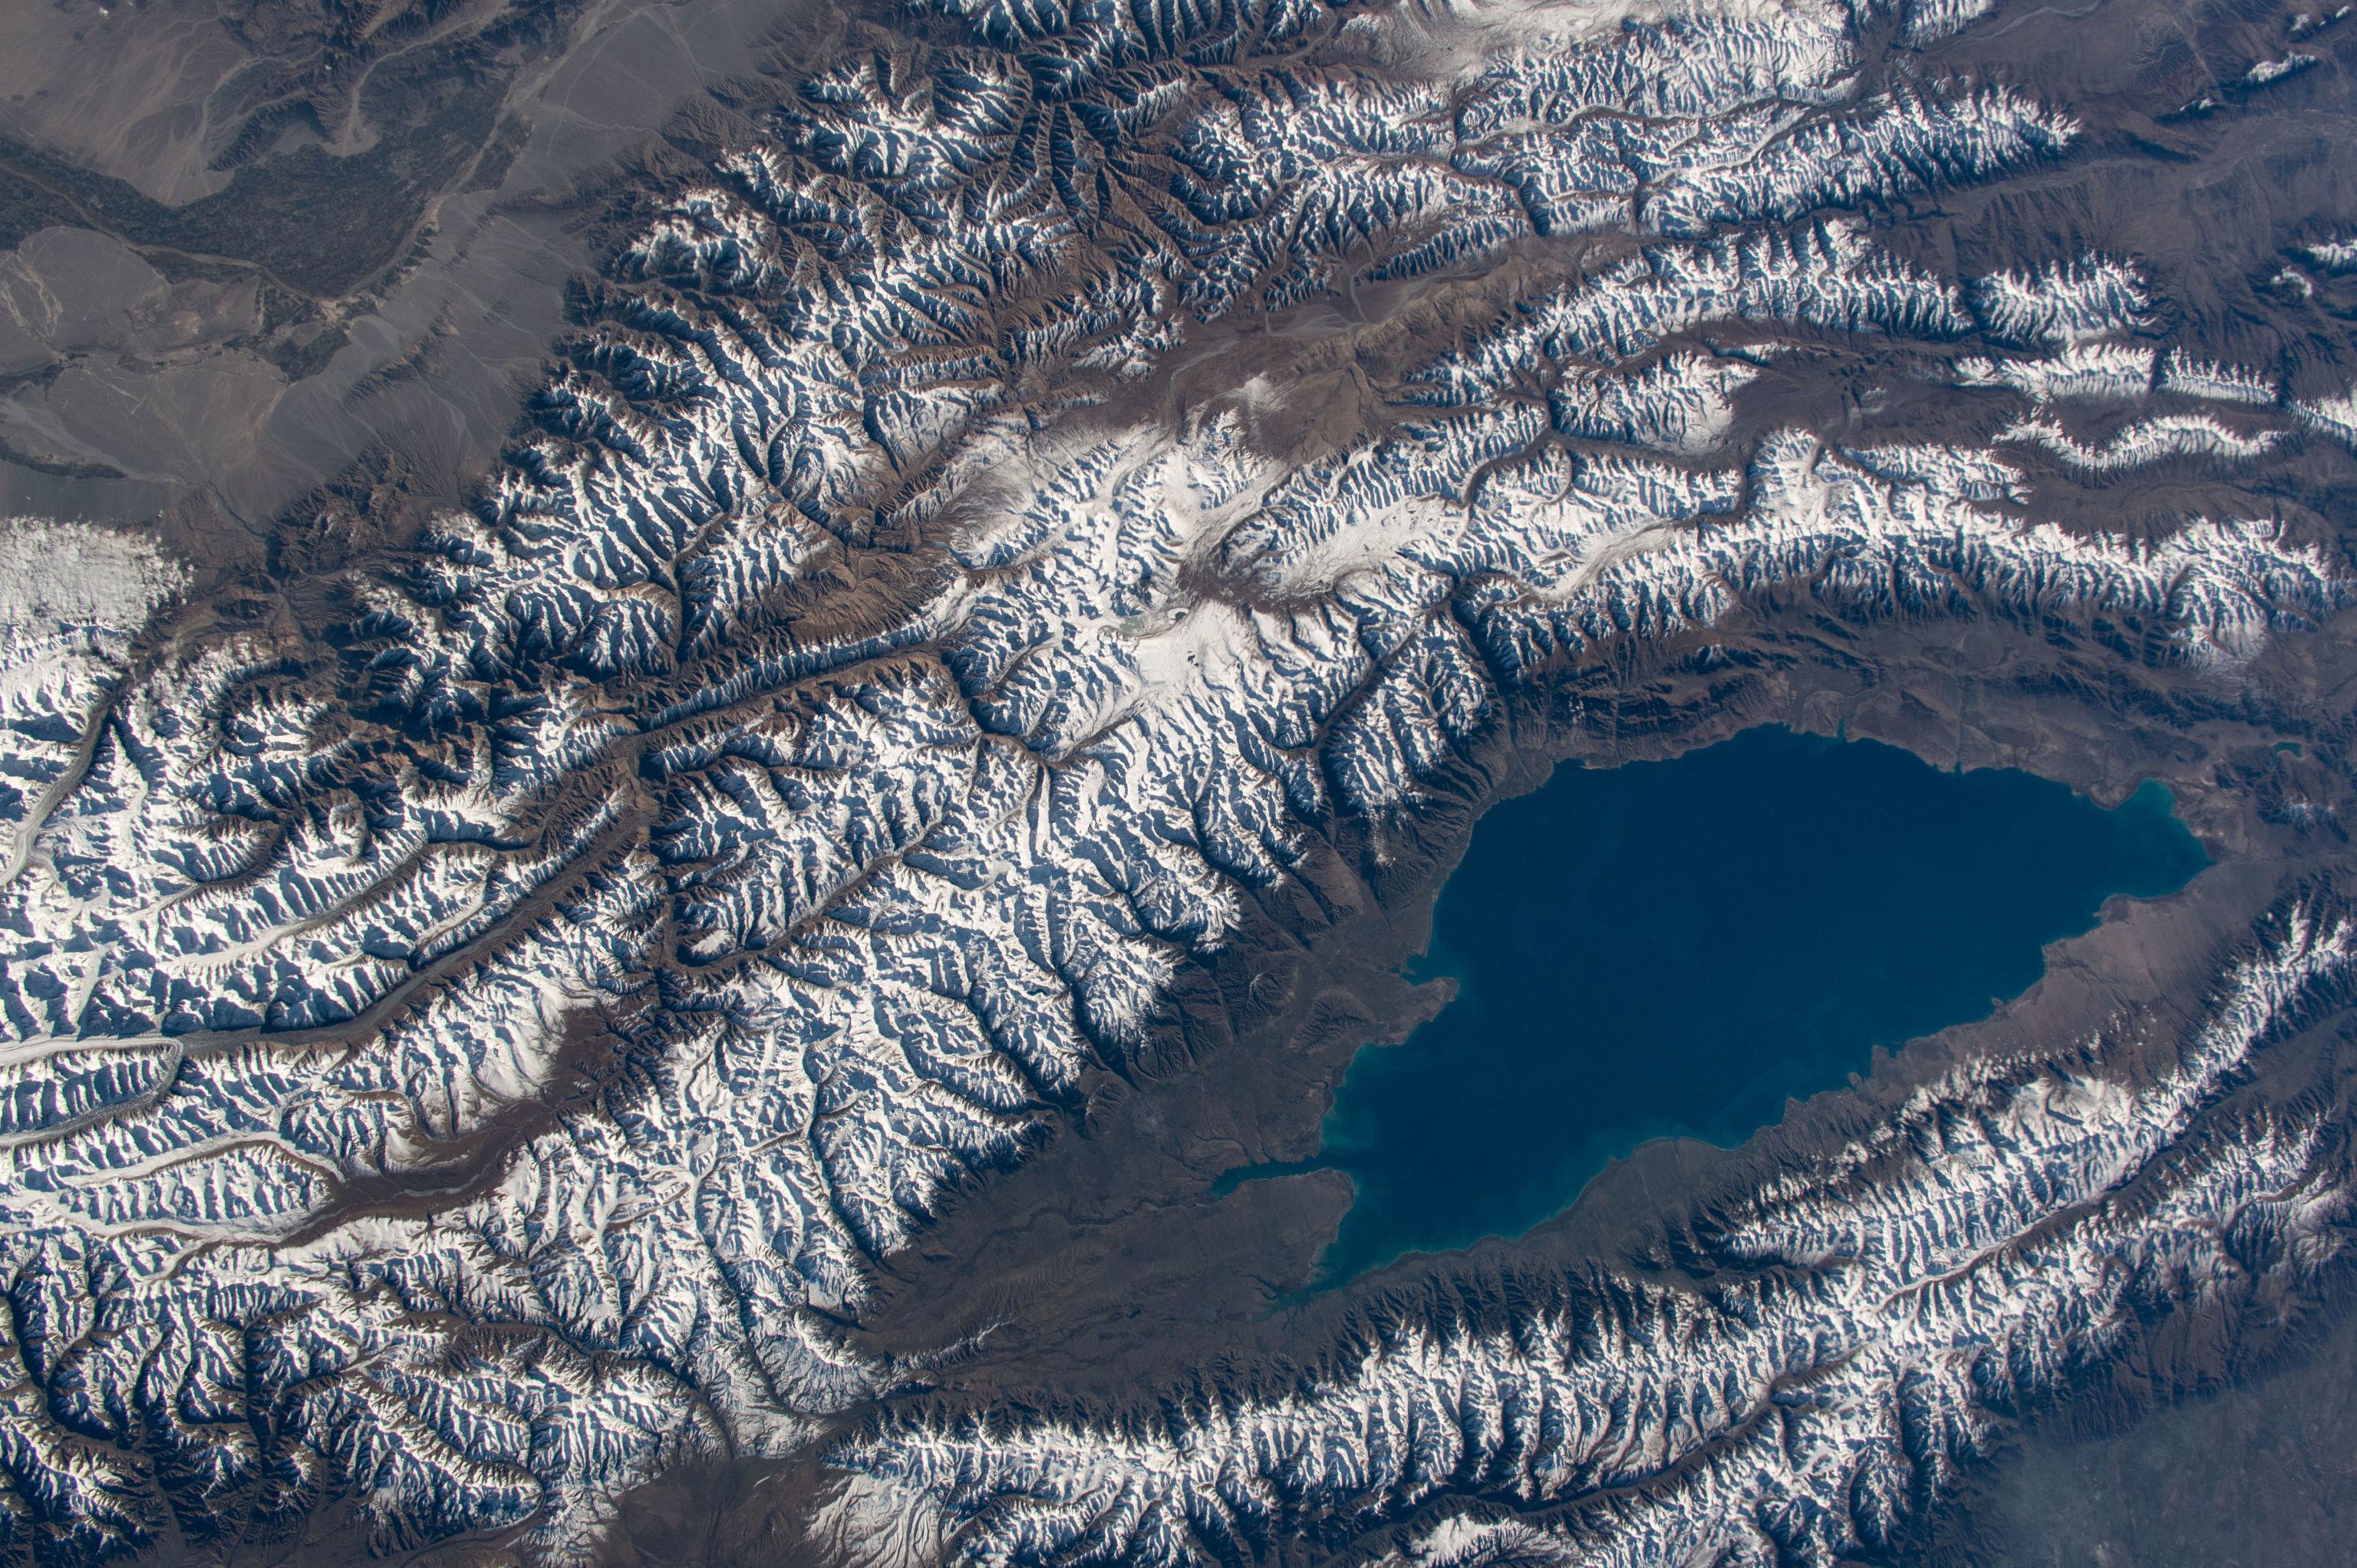 Lago Issyk-Kul, no Quirguistão, Ásia Central, rodeado pelas montanhas de Tian Shen, cobertas de neve